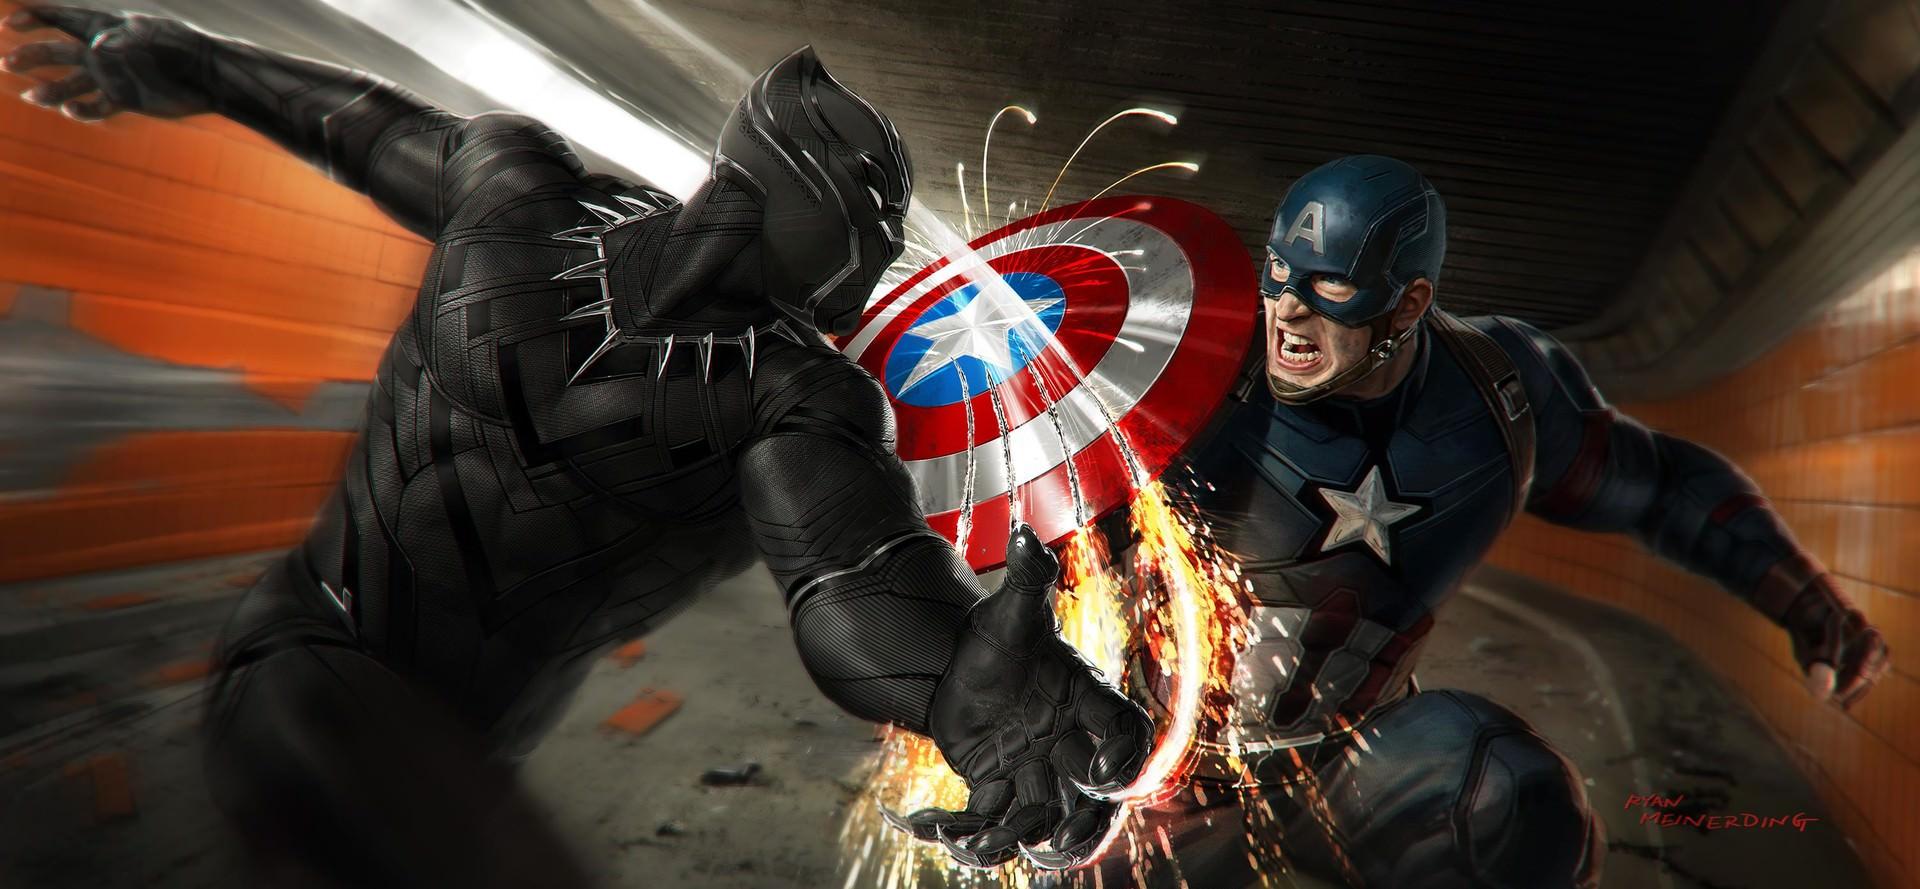 Avengers vs. Avengers - Wojna bohaterów, jakiej nie znacie [SZKICE]